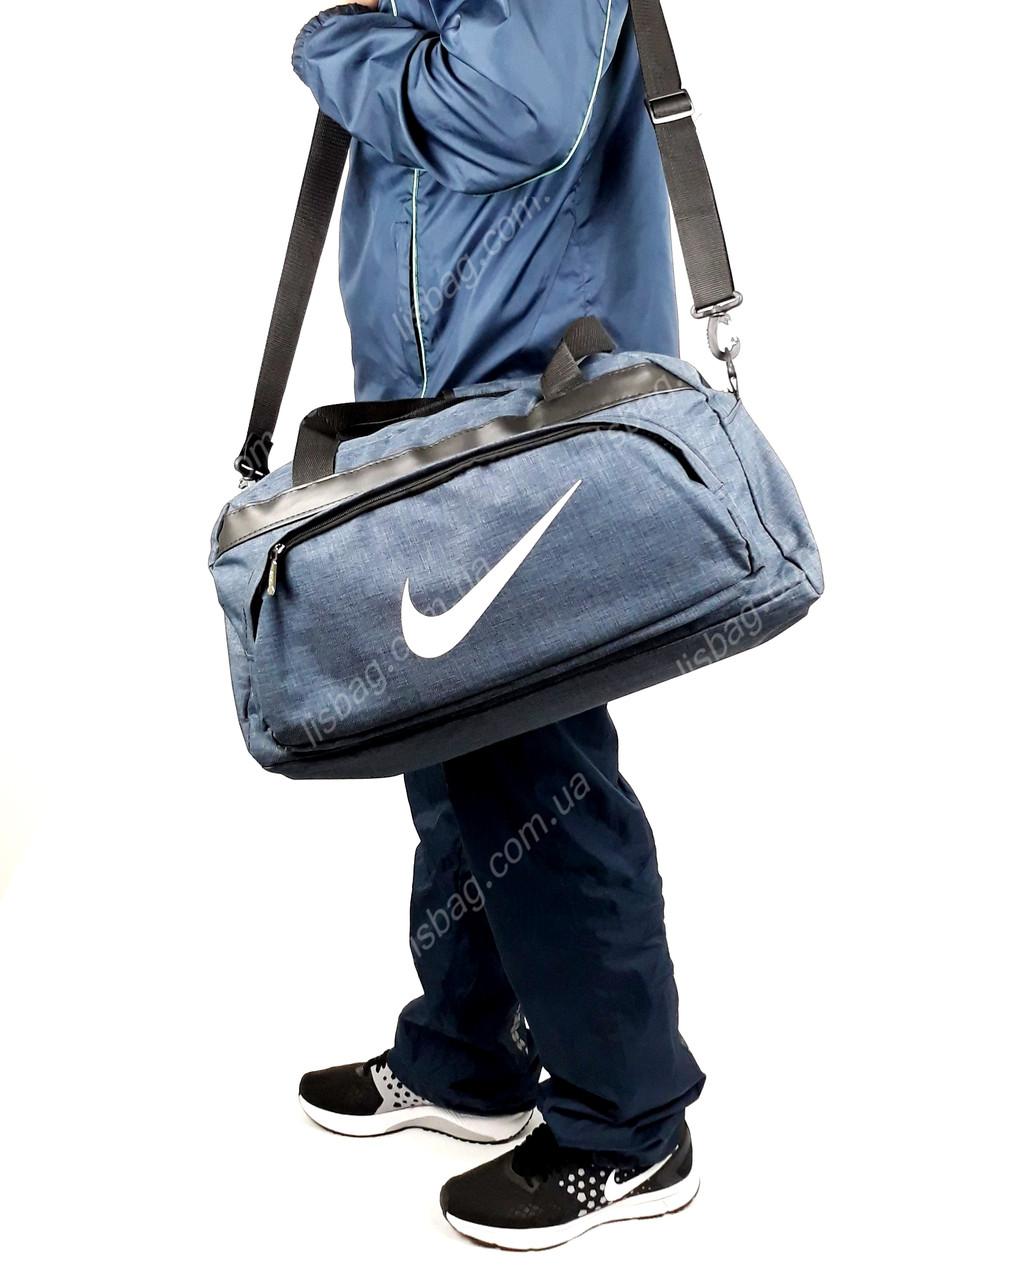 4f4d2a46df2d ... Большая спортивная сумка на тренировку Nike реплика люкс качества, ...